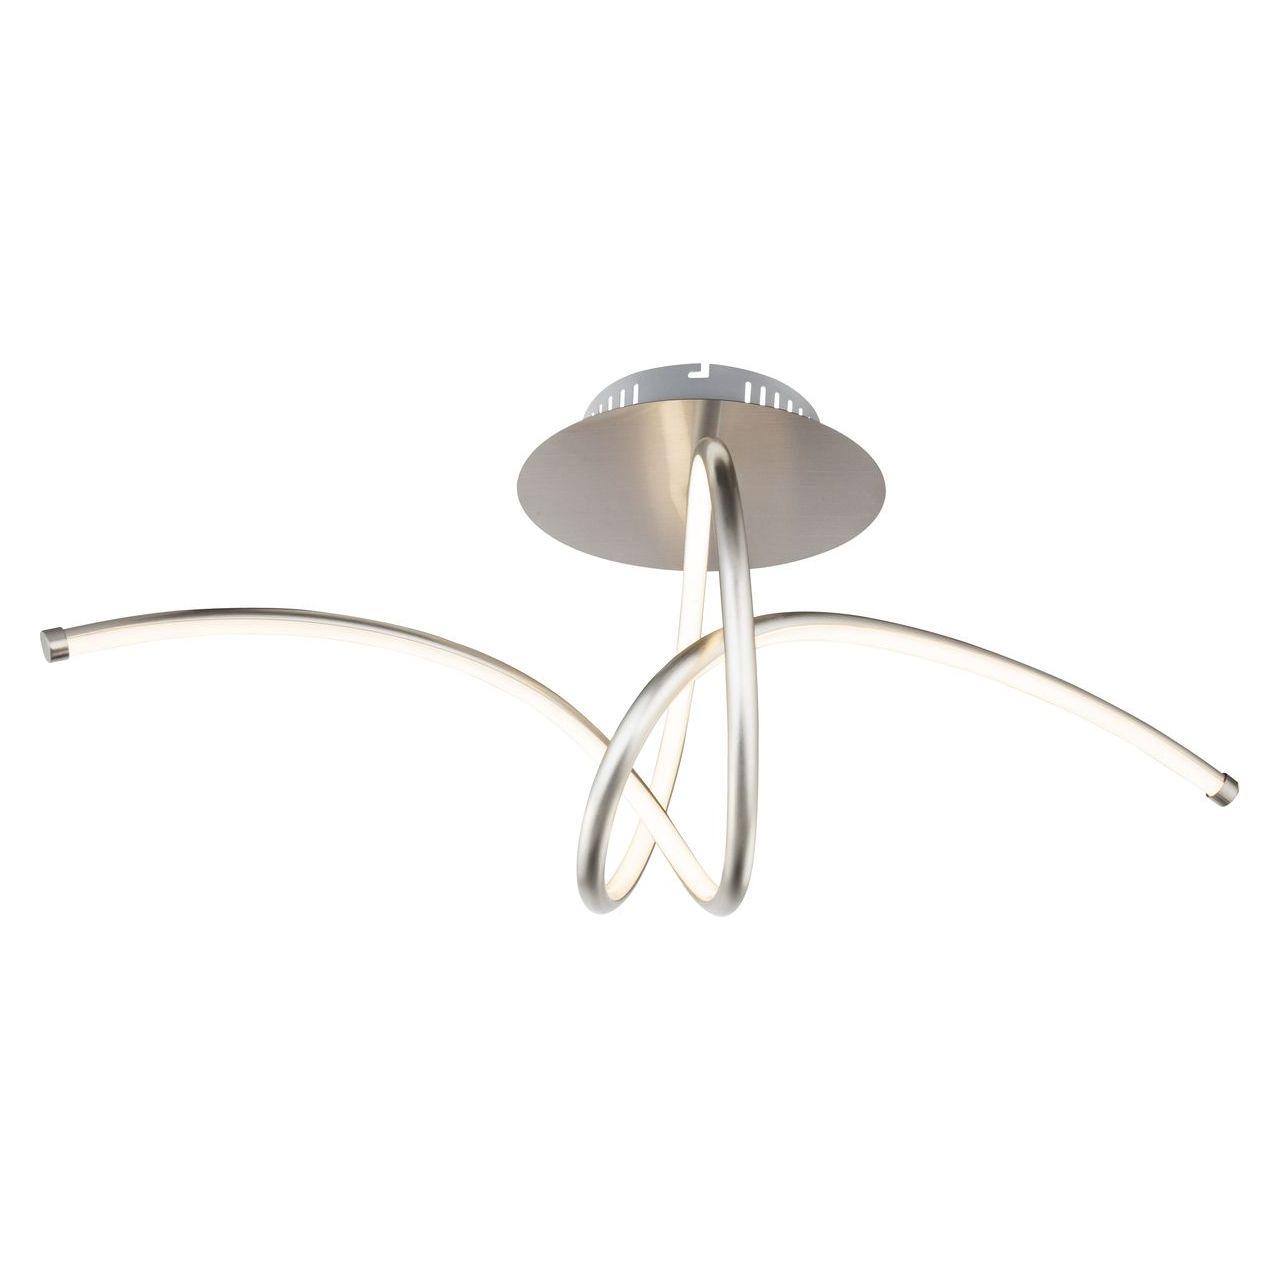 Купить со скидкой Потолочный светодиодный светильник Globo Kyle с плафонами из пластика